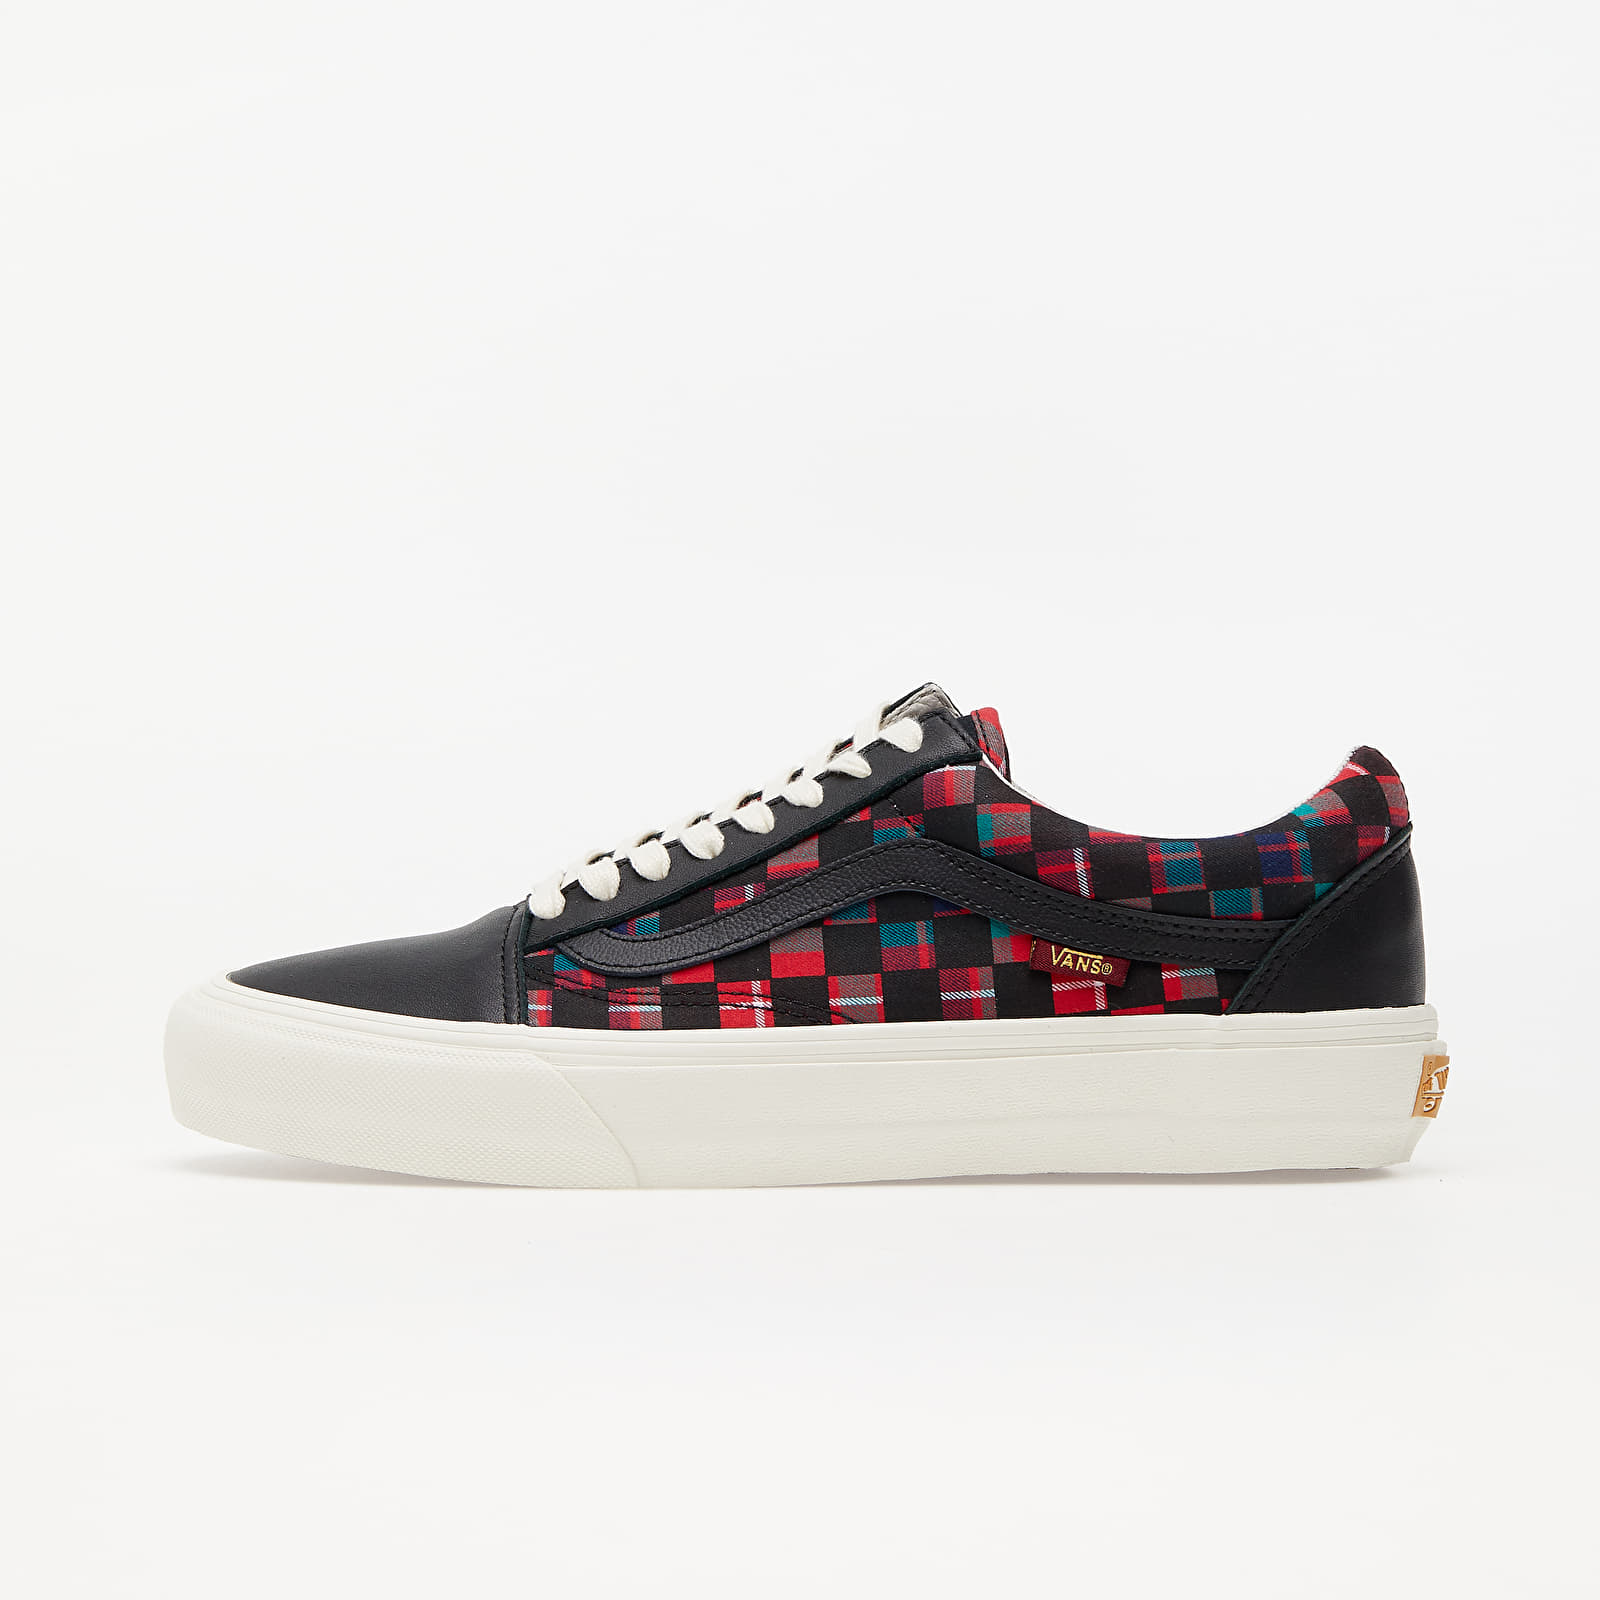 Încălțăminte și sneakerși pentru bărbați Vans x Baracuta Old Skool VLT LX Black/ Tartan Plaid/ Marshmallow